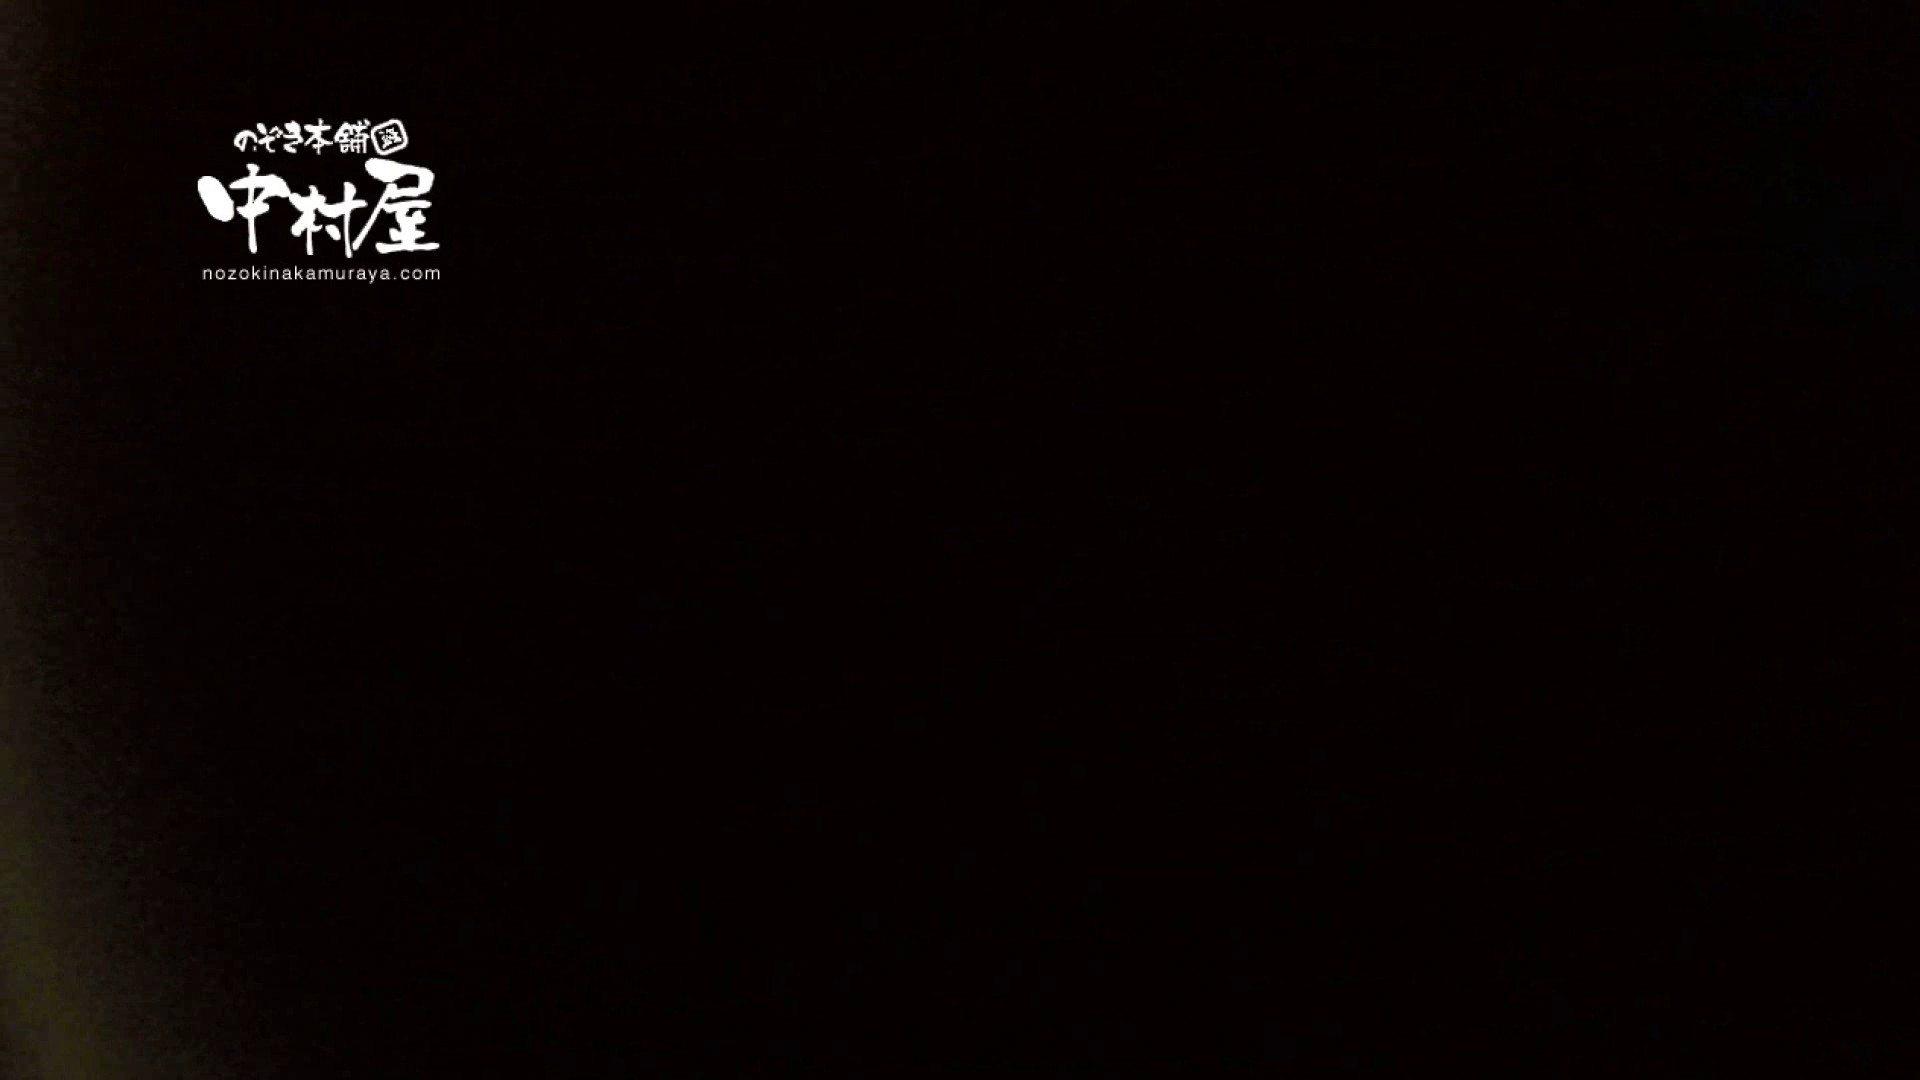 鬼畜 vol.08 極悪!妊娠覚悟の中出し! 前編 OL女体   中出し  57連発 1